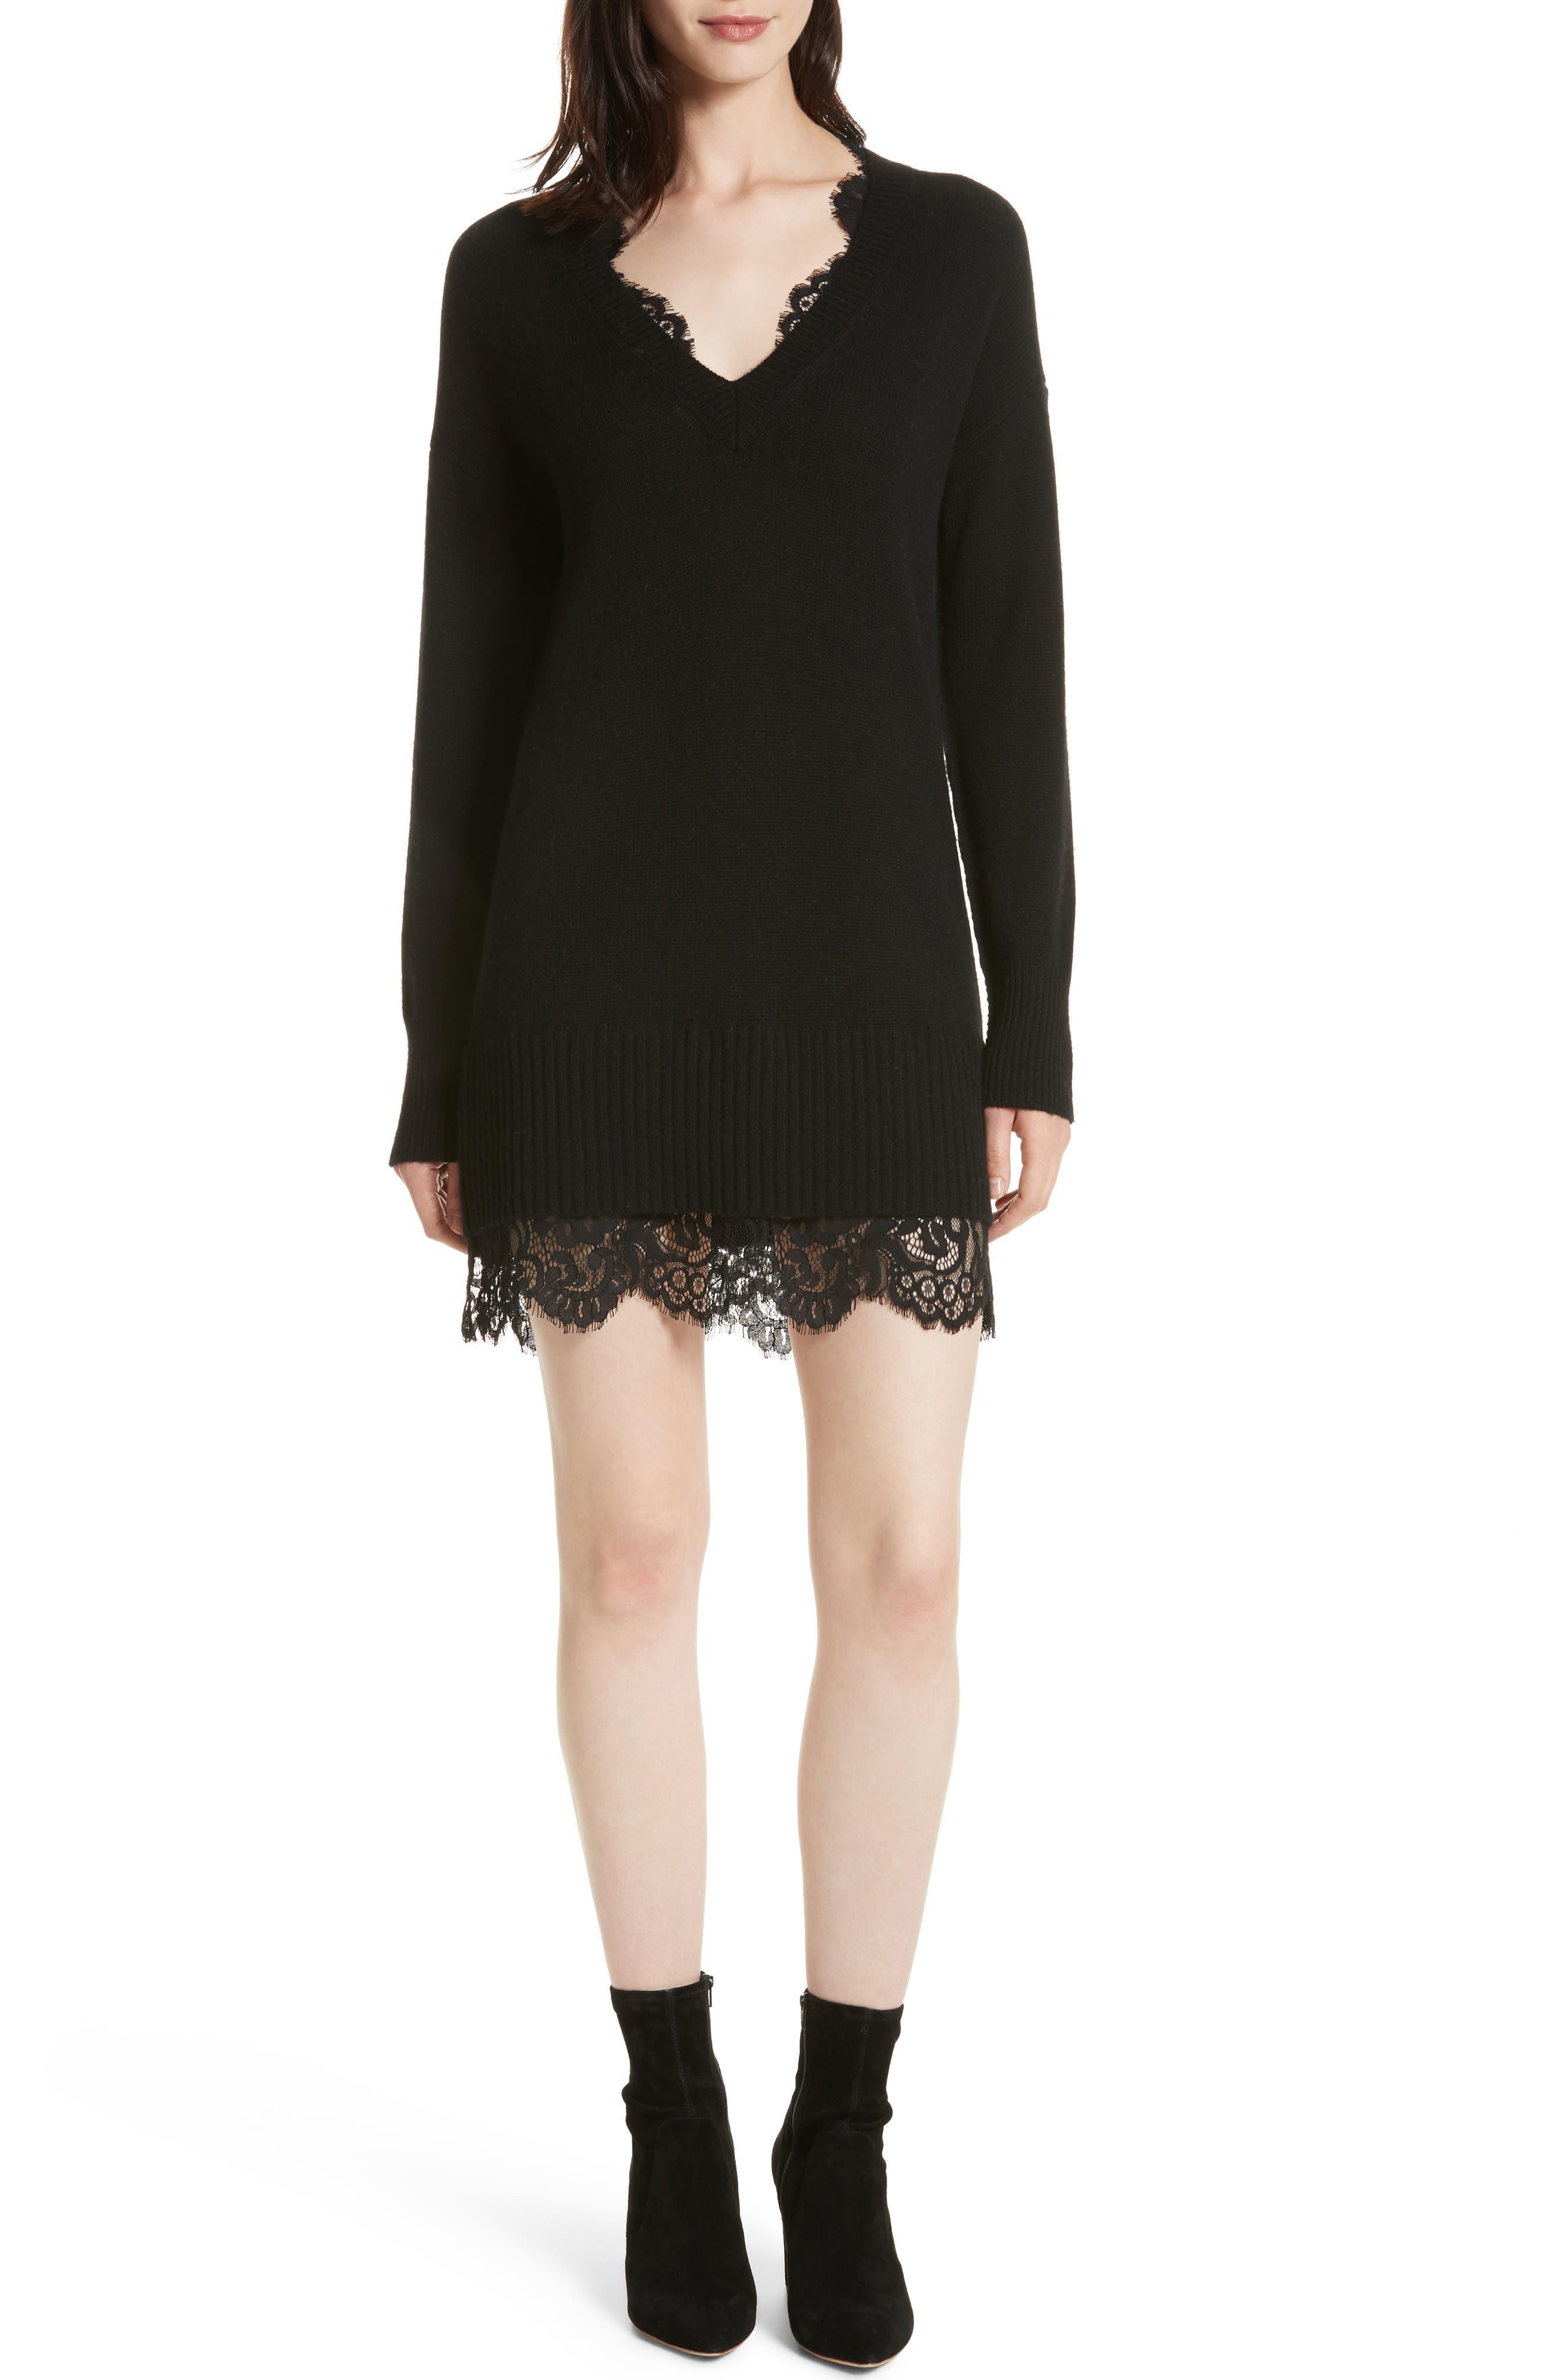 BROCHU WALKER Lace Looker Sweater Dress, Main, color, 001